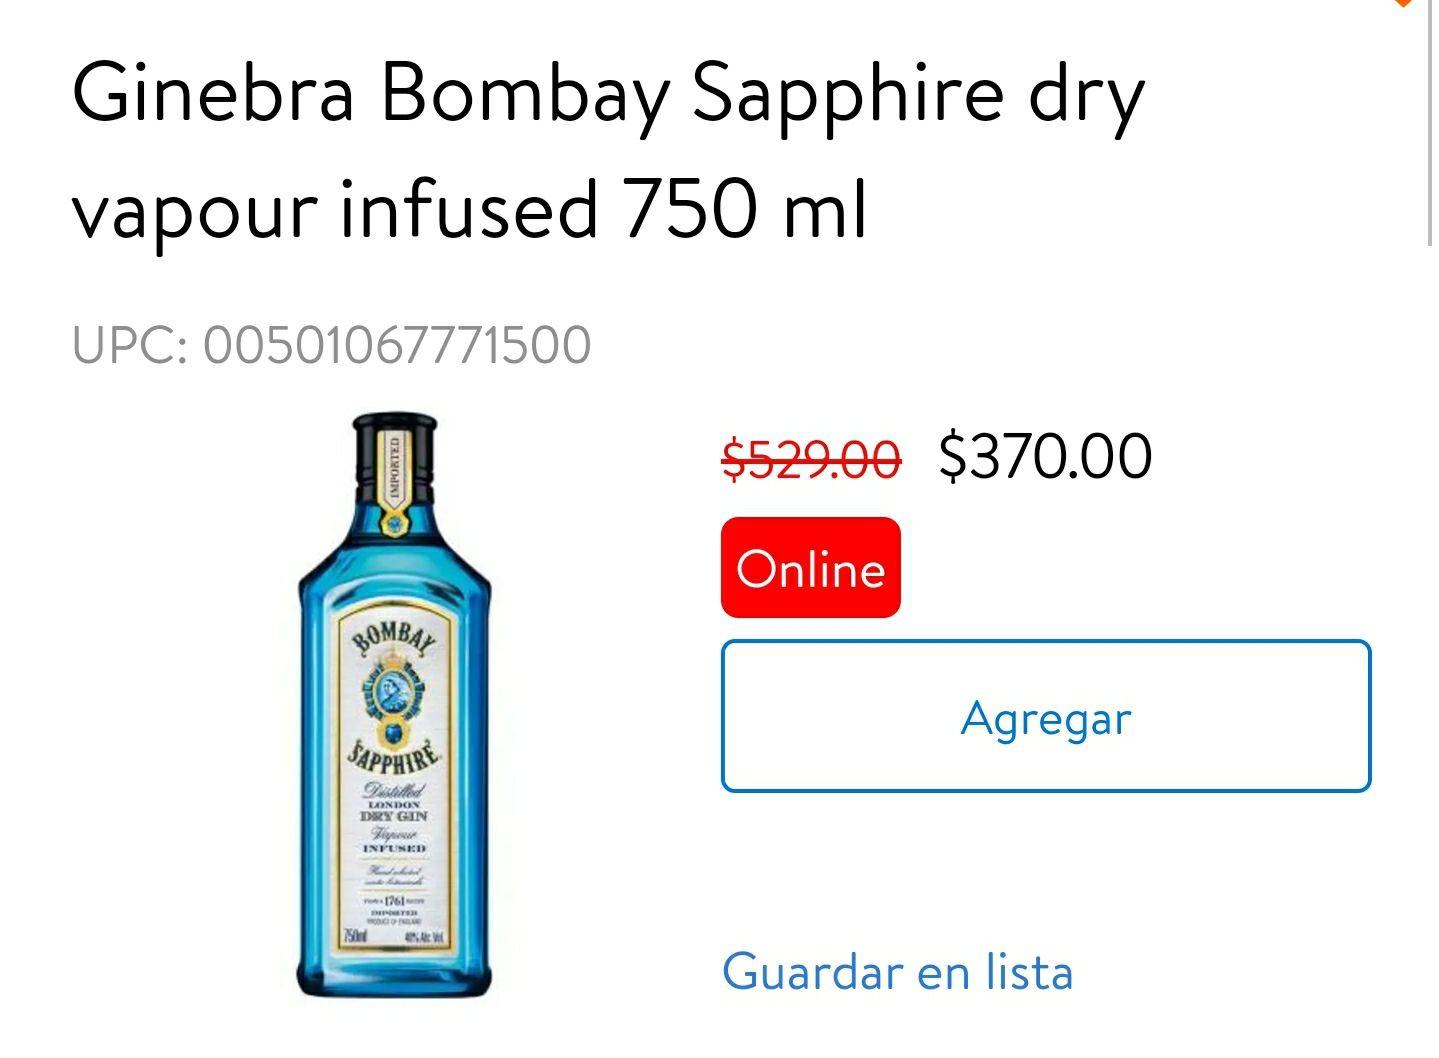 Walmart: Ginebra Bombay Sapphire